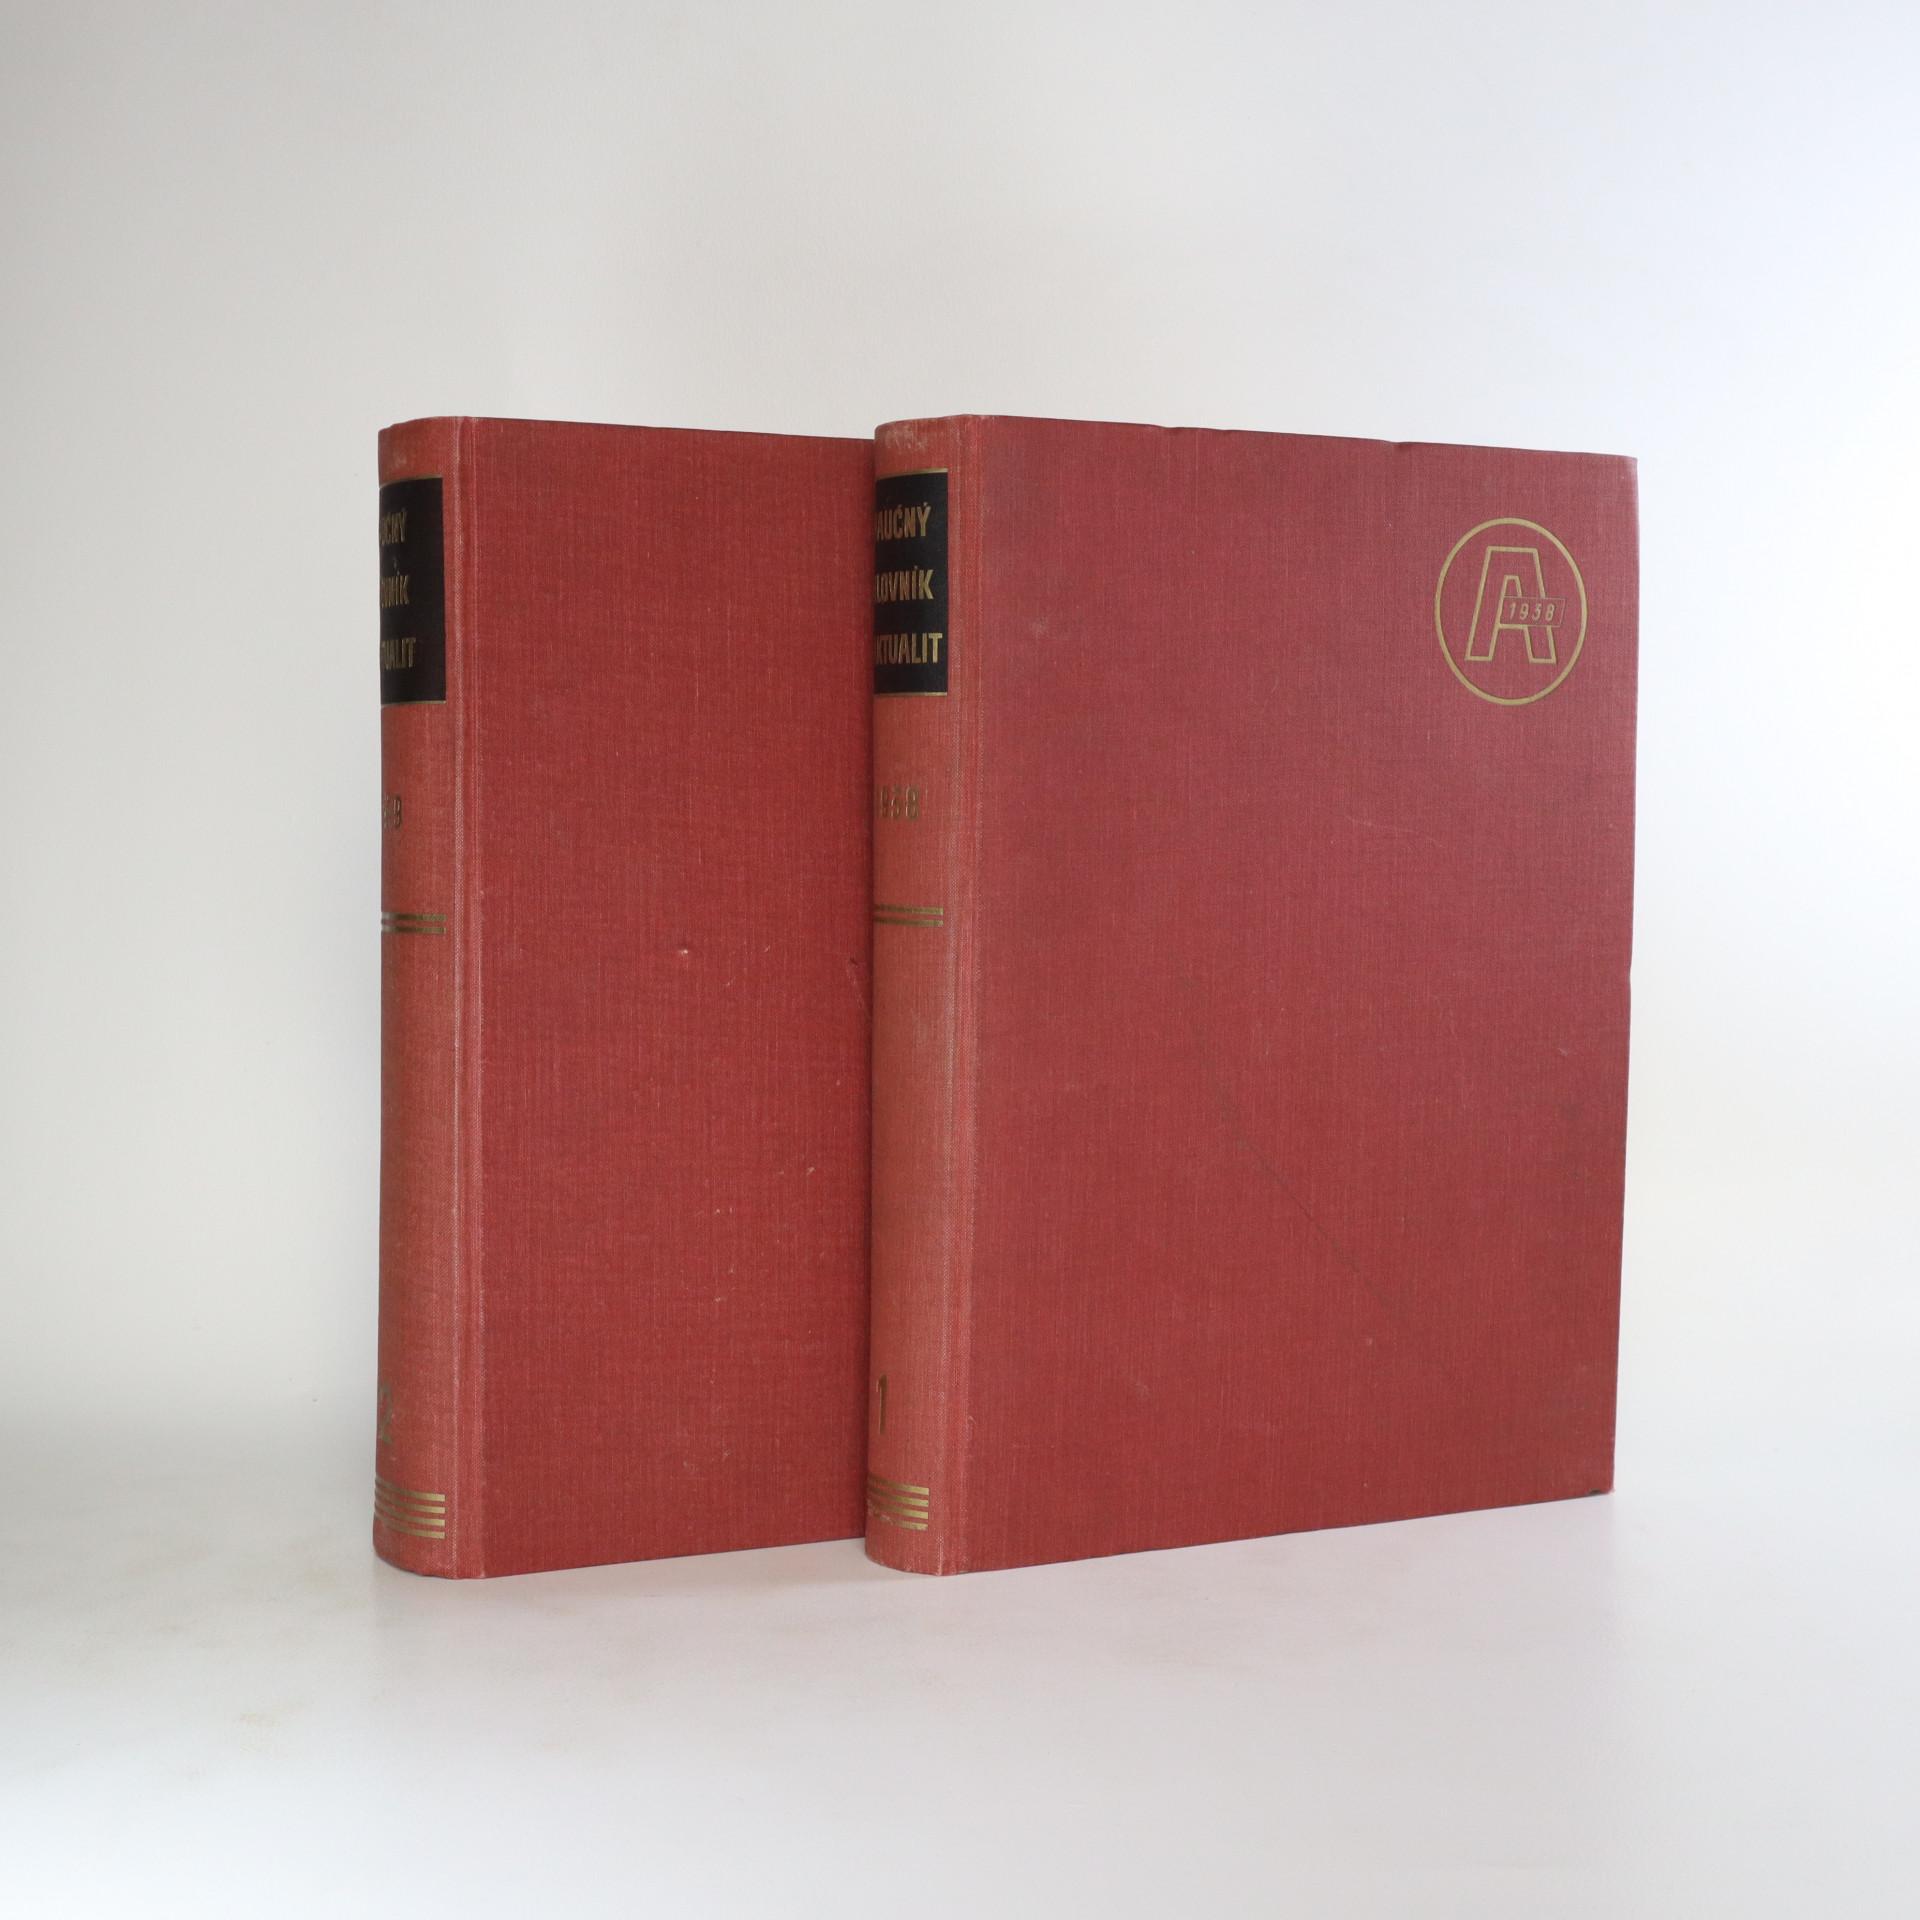 antikvární kniha Naučný slovník aktualit I. a II. díl (2 svazky), 1938,1939